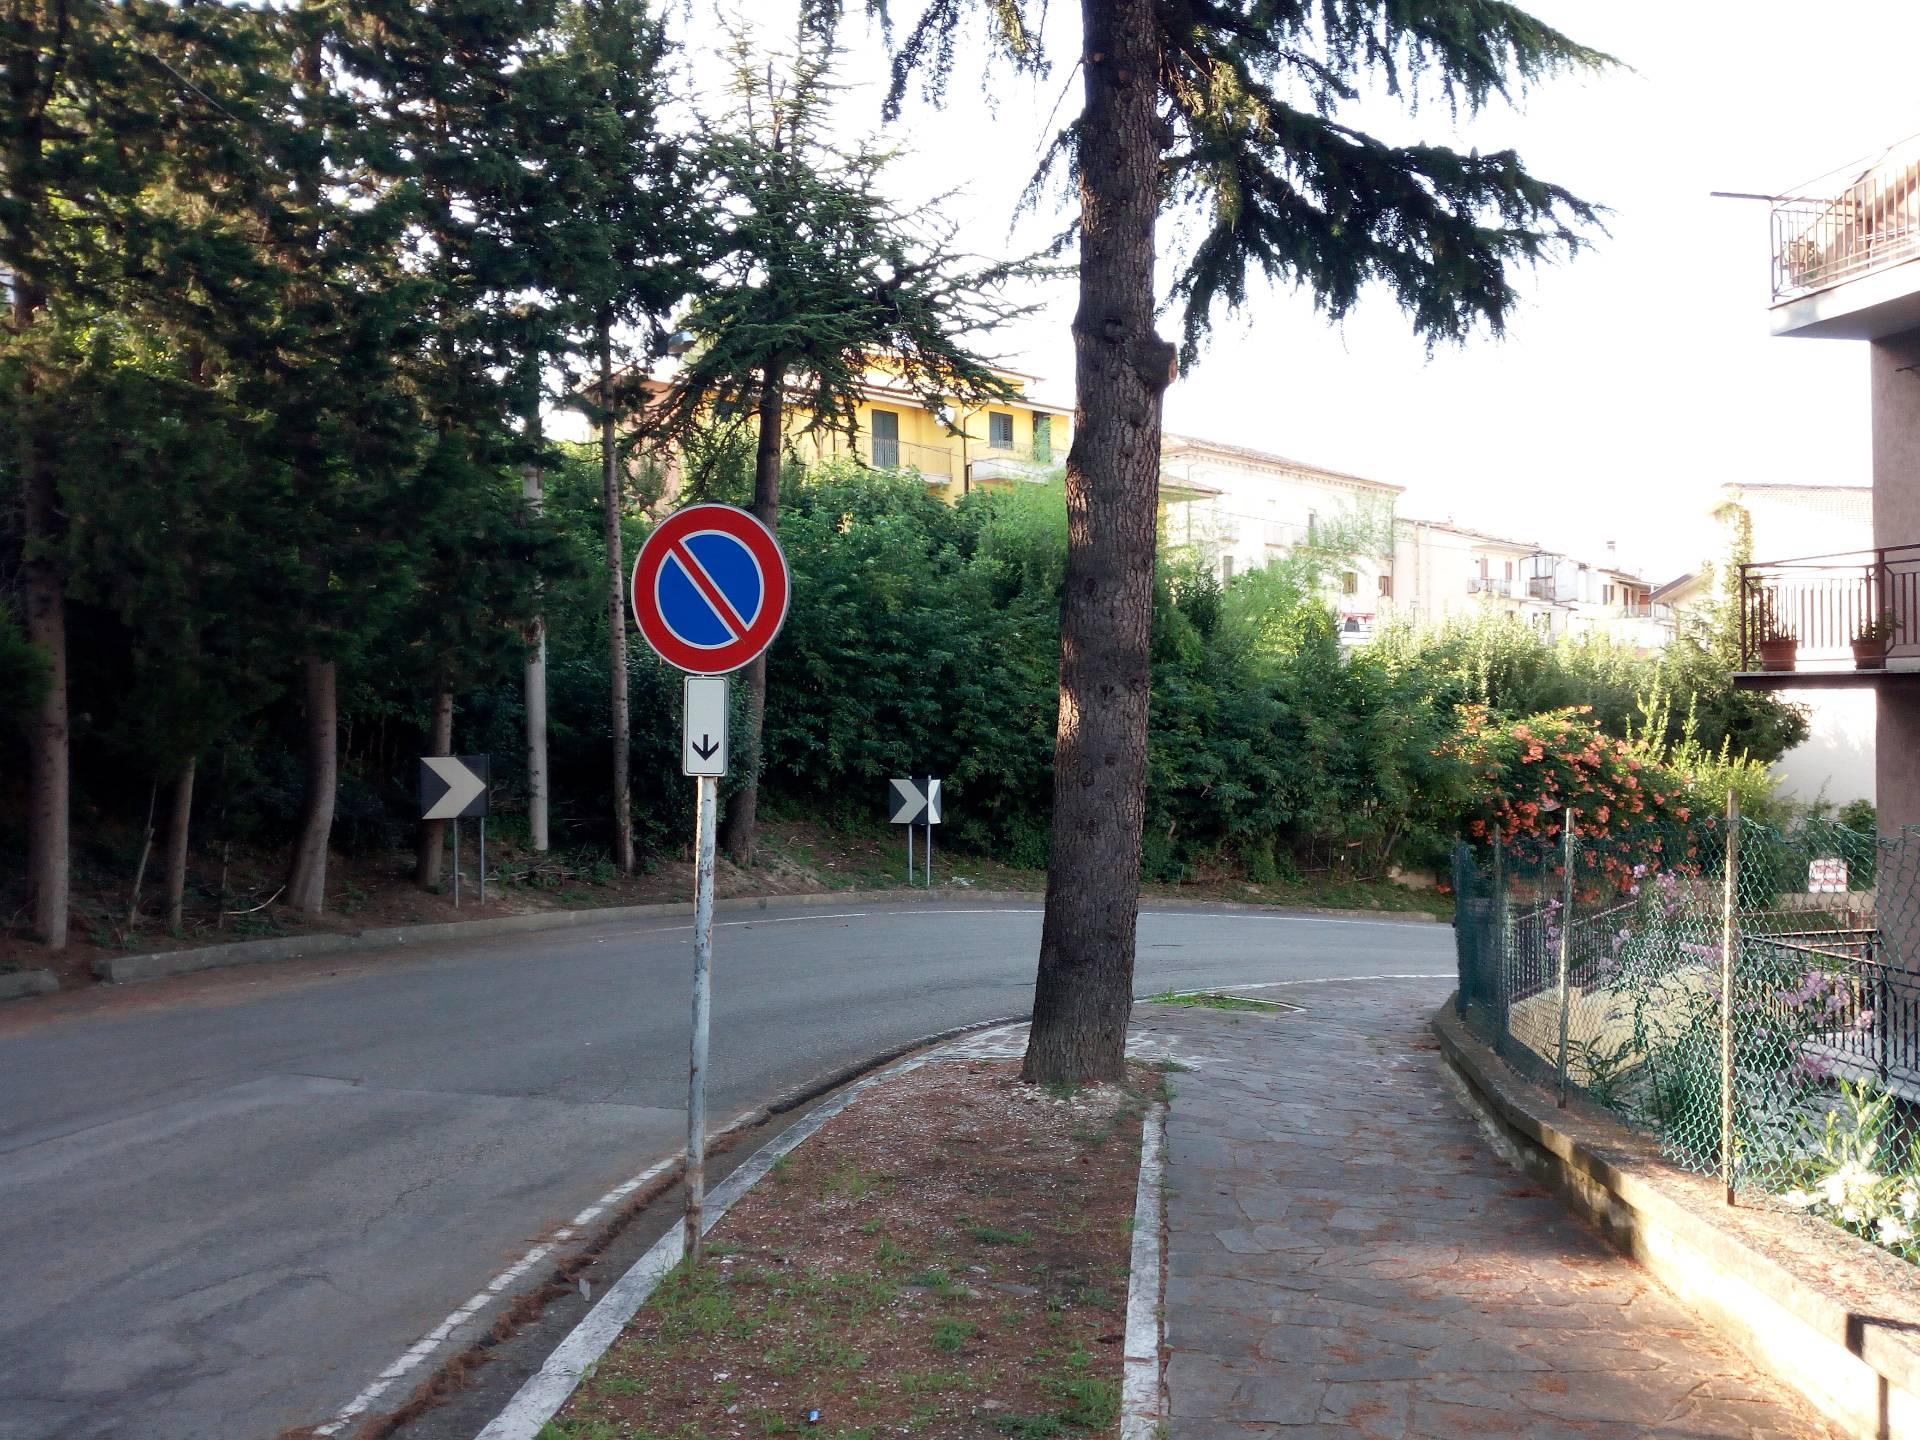 Terreno Edificabile Residenziale in vendita a Torricella Sicura, 9999 locali, prezzo € 100.000 | CambioCasa.it